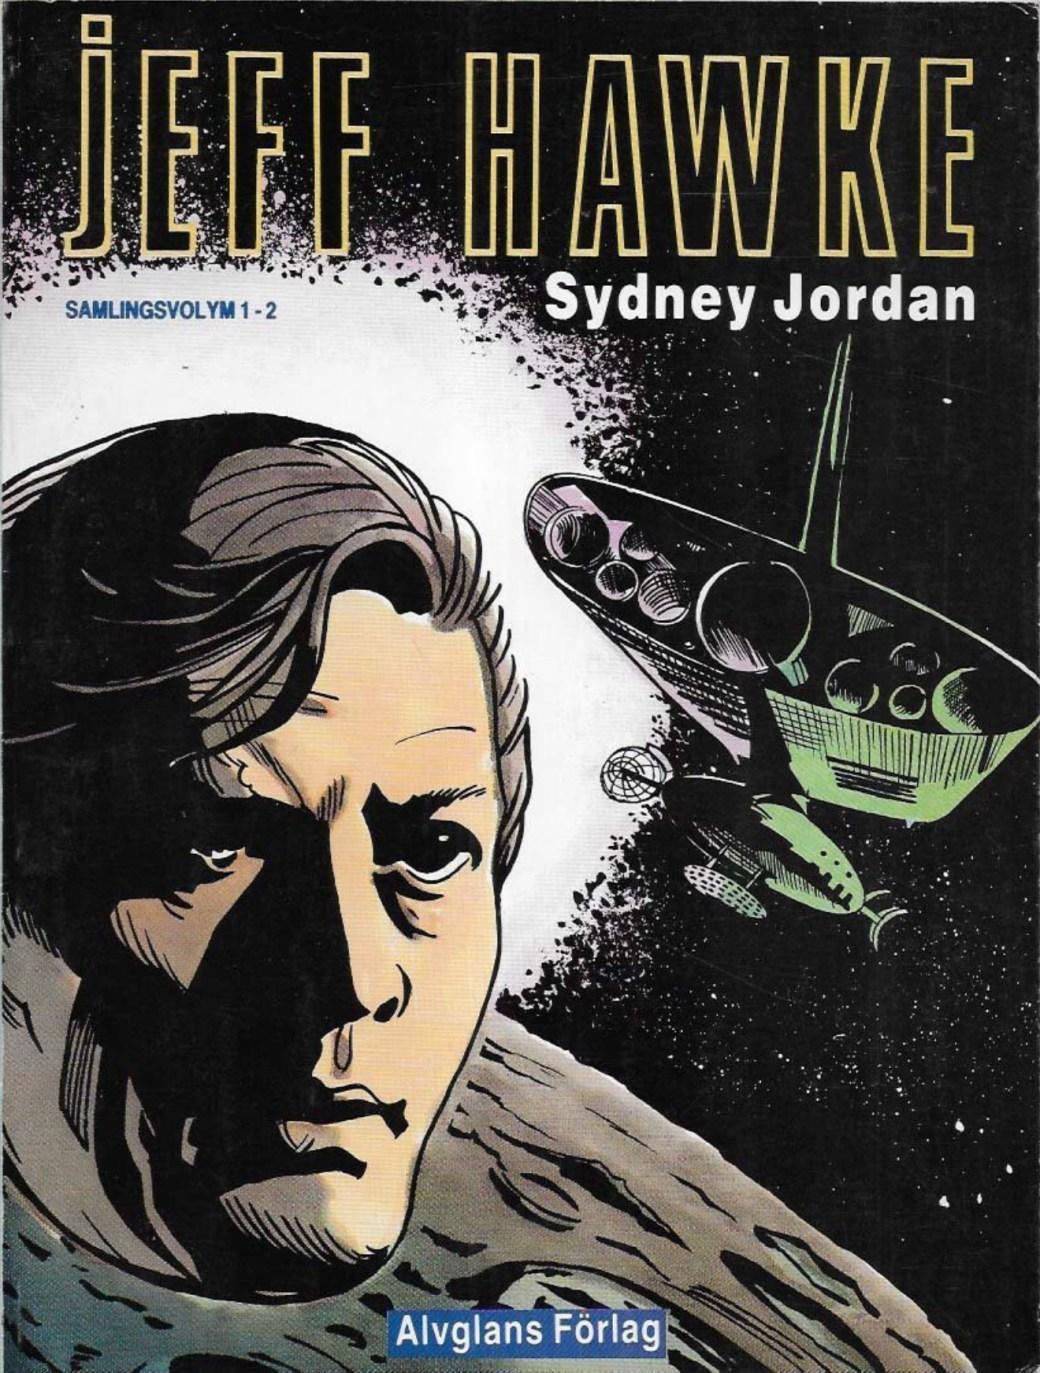 Omslag till Jeff Hawke samlingsutgåva 1-2 (1987). ©Alvglans